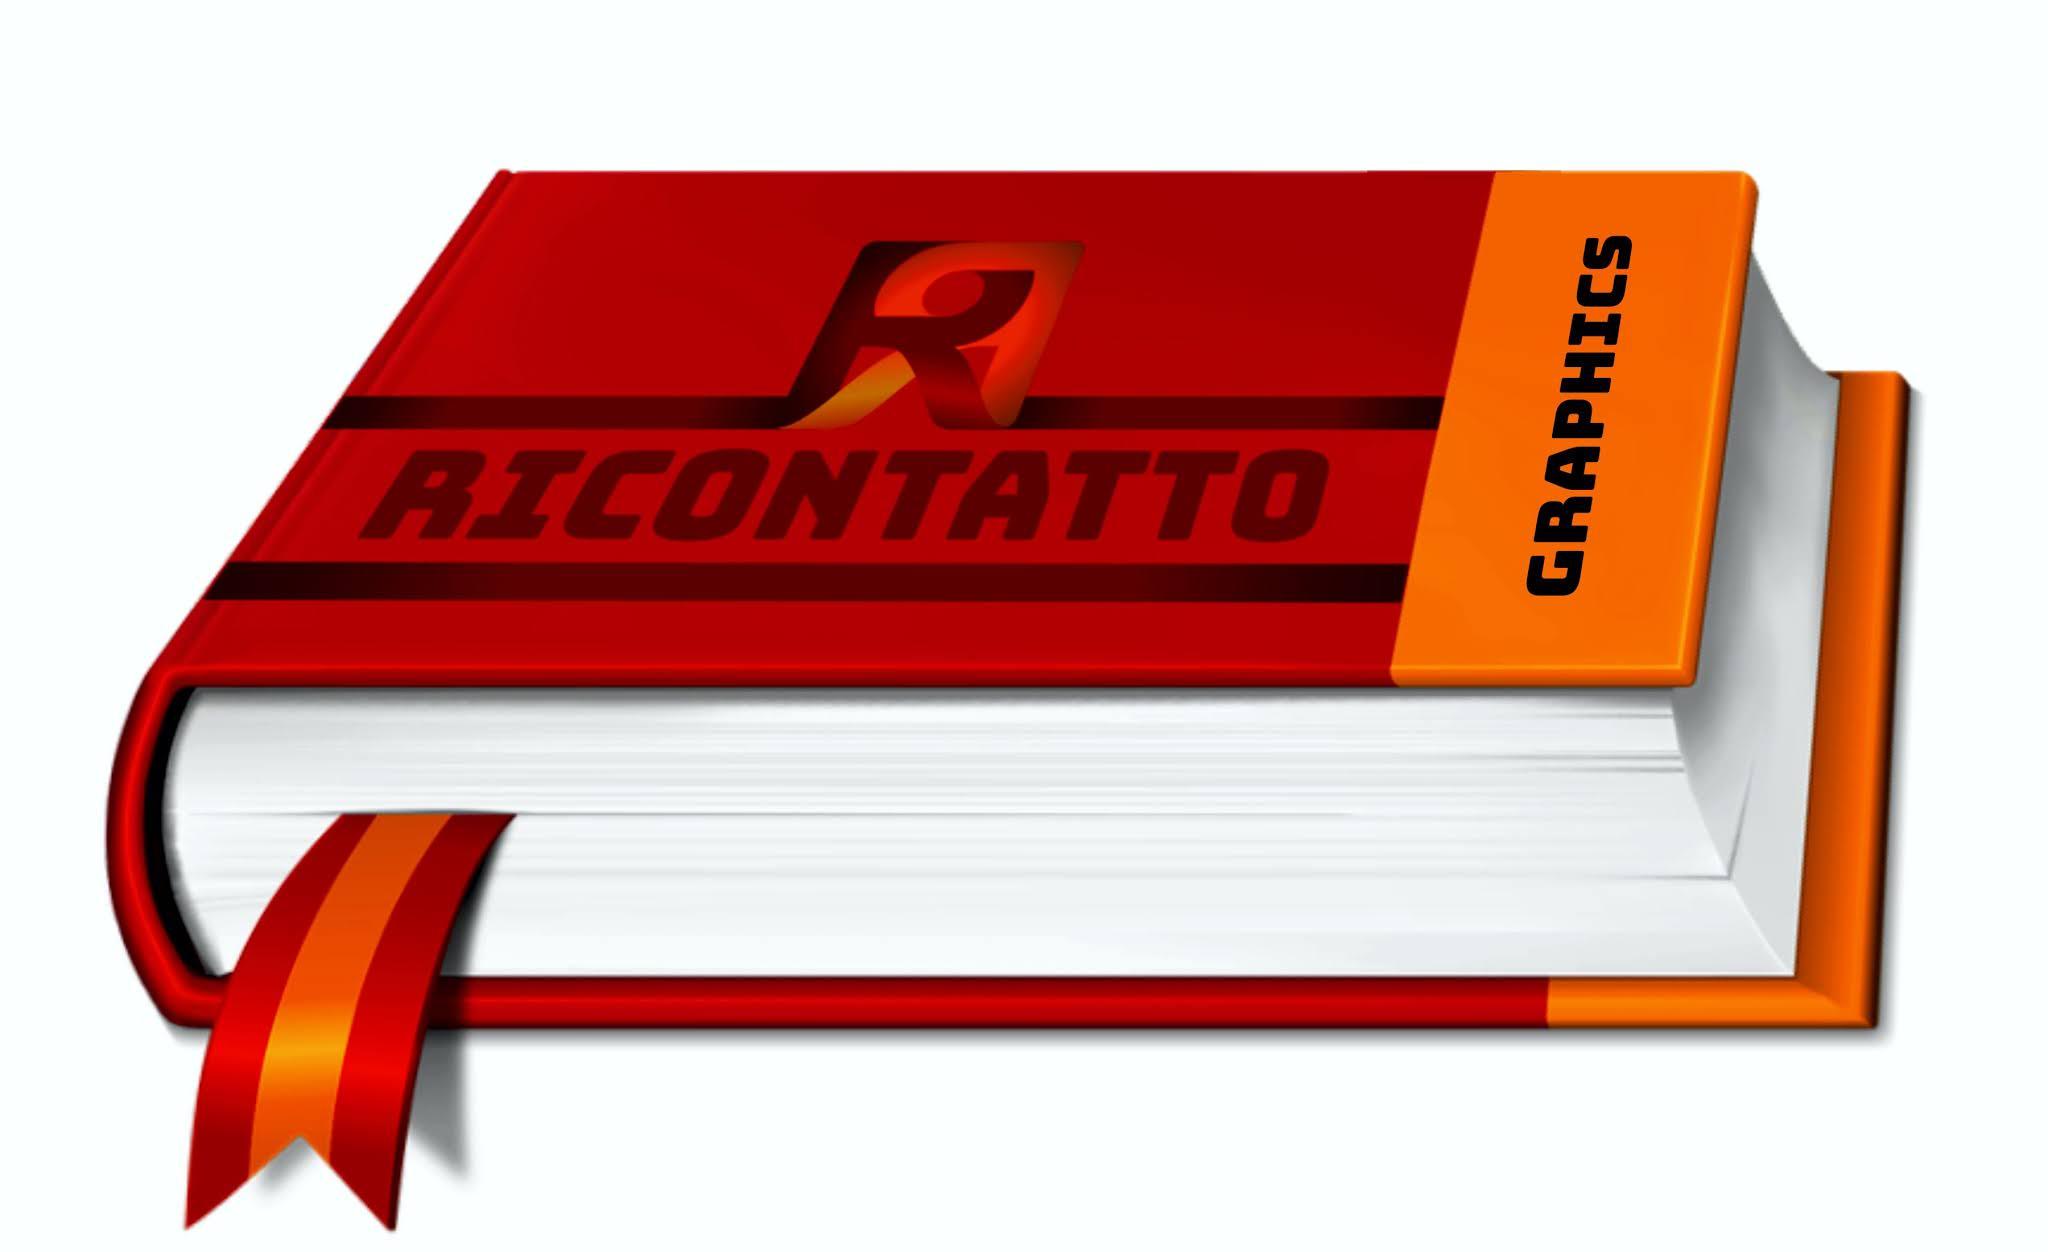 Ricontatto.com: graphics